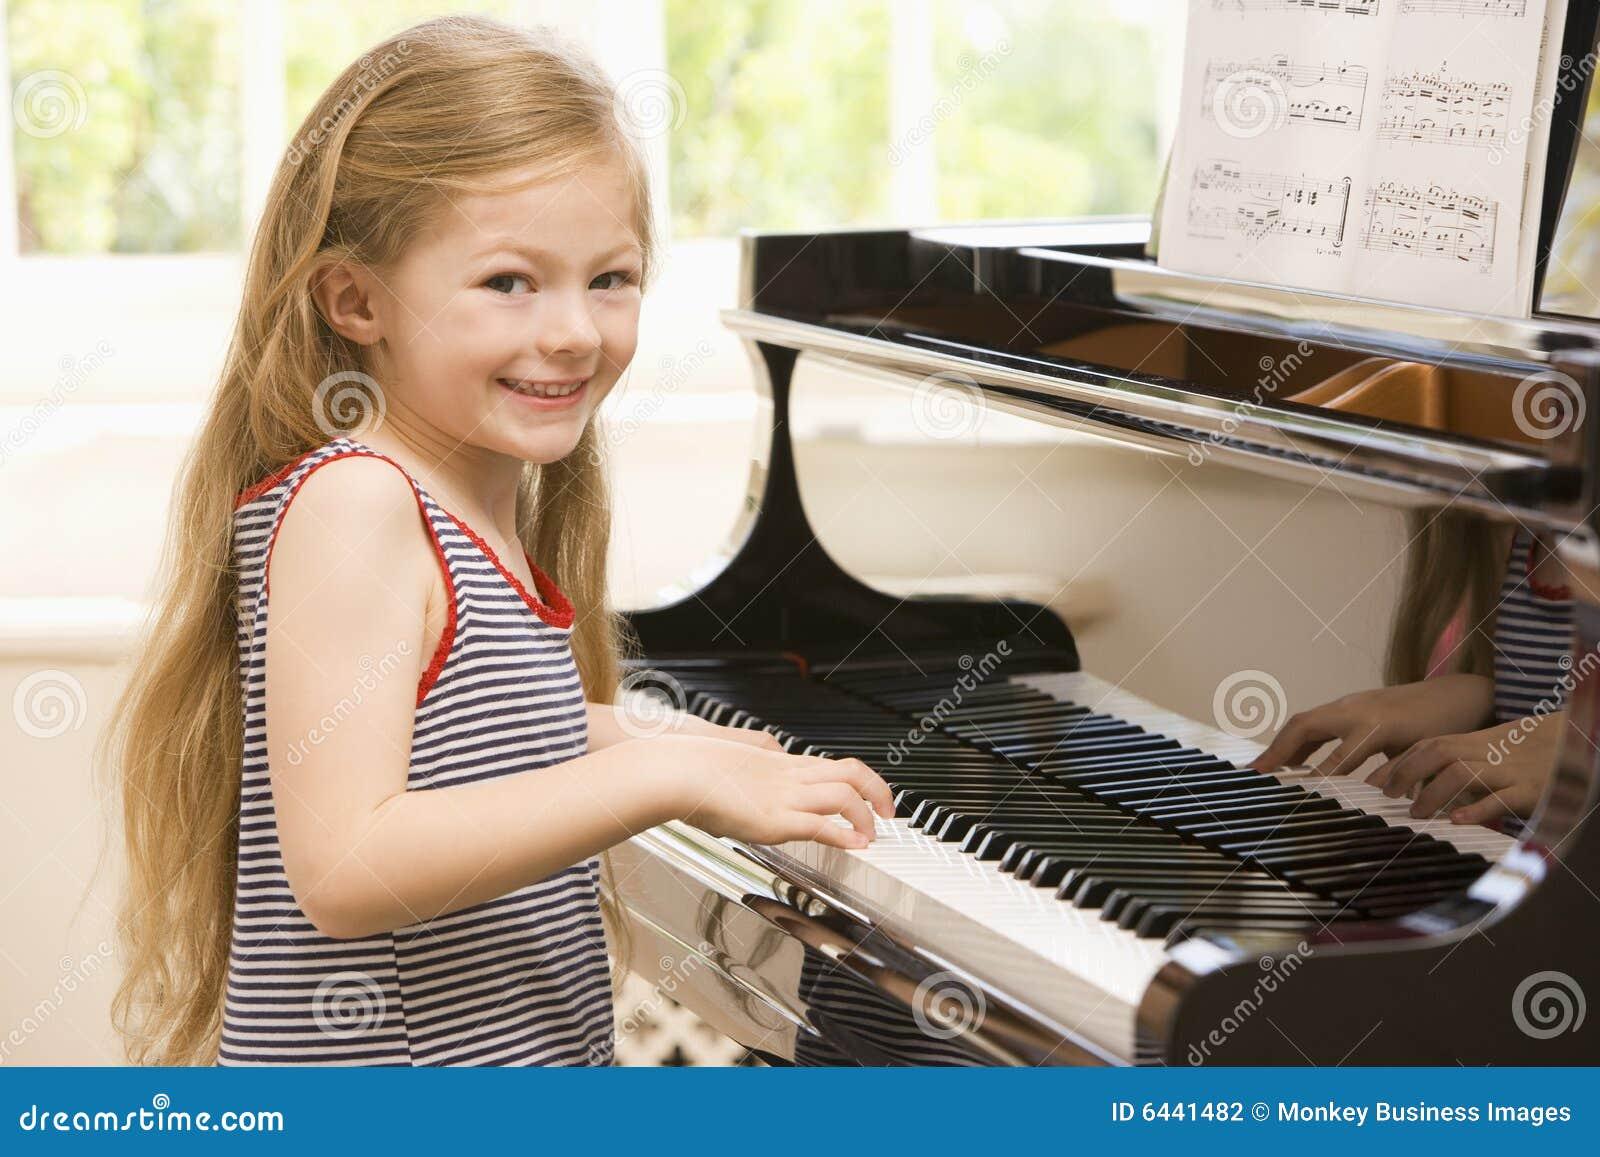 Pourquoi j'ai refus que ma fille fasse du piano Slatefr